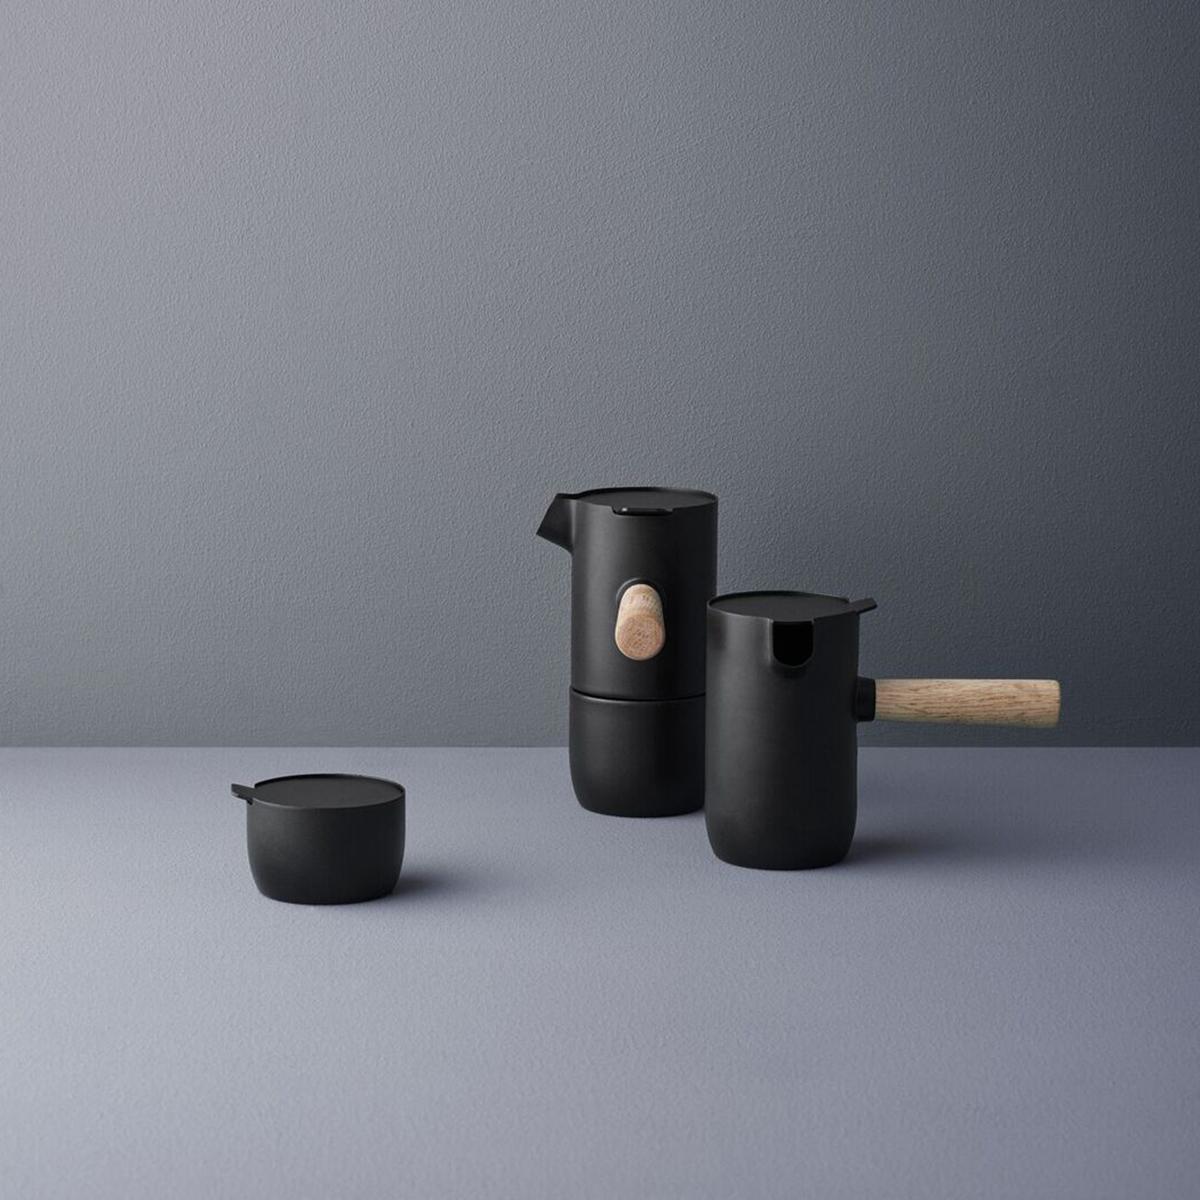 novinka-v-arki-stelton-danska-designova-klasika22